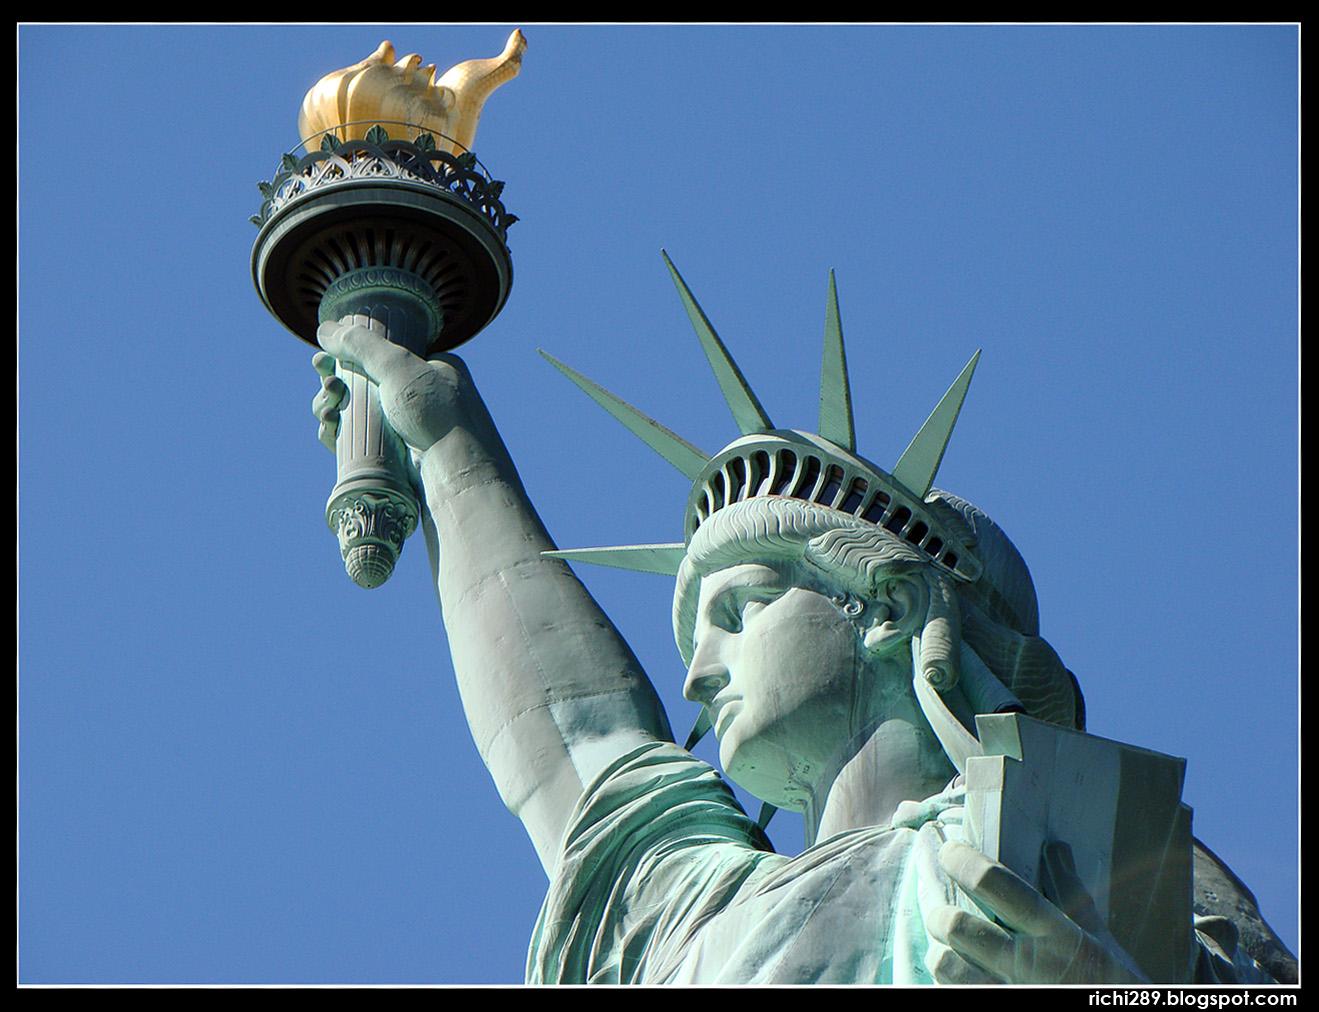 Filosof a seg n carlos libertad y madurez for Interior estatua de la libertad